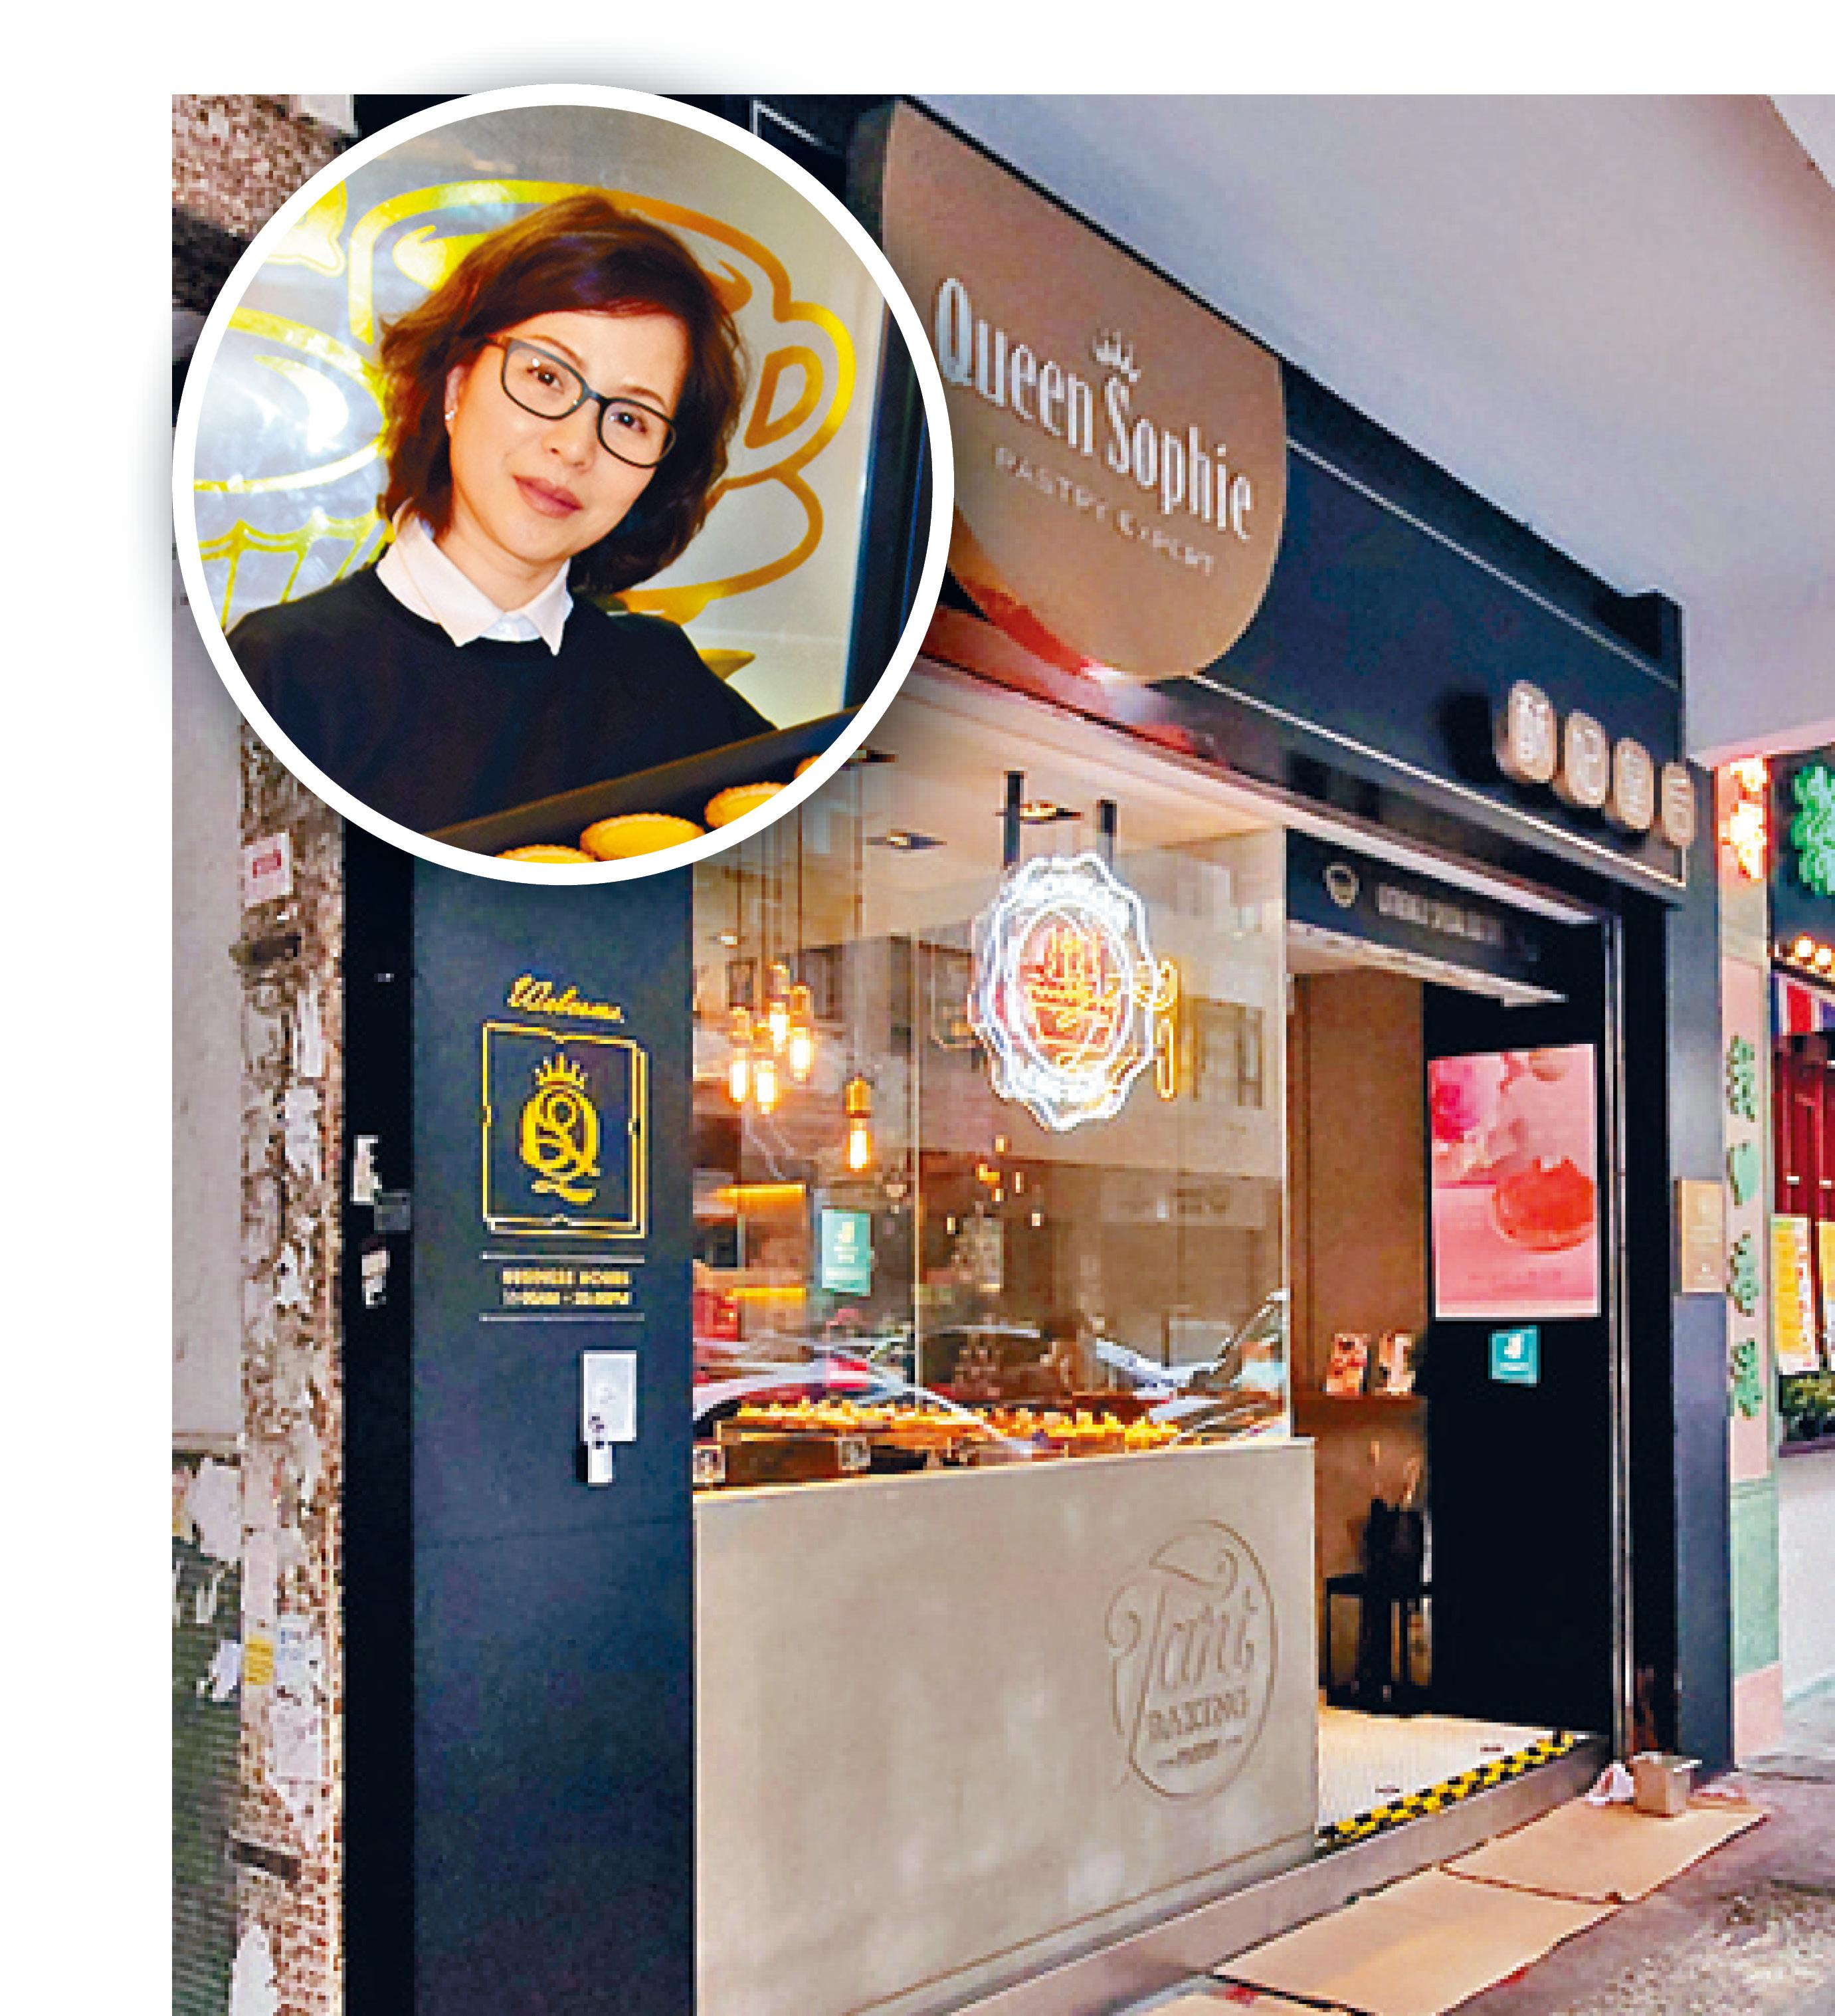 黃寶欣(小圖)開設的餅店遭人淋紅漆油。林思明攝